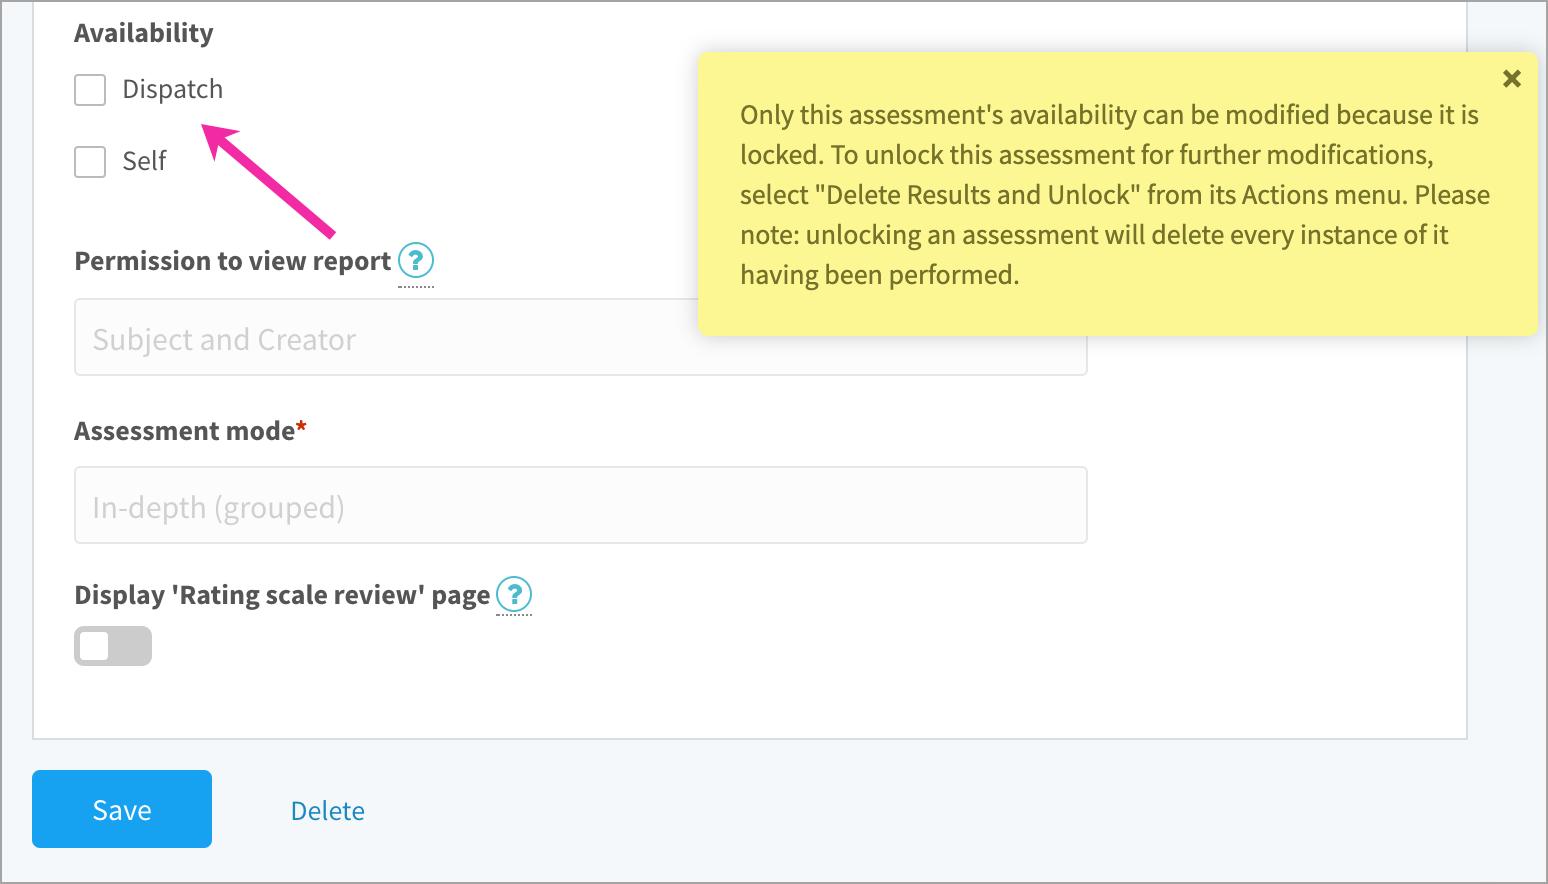 Disabling an assessment